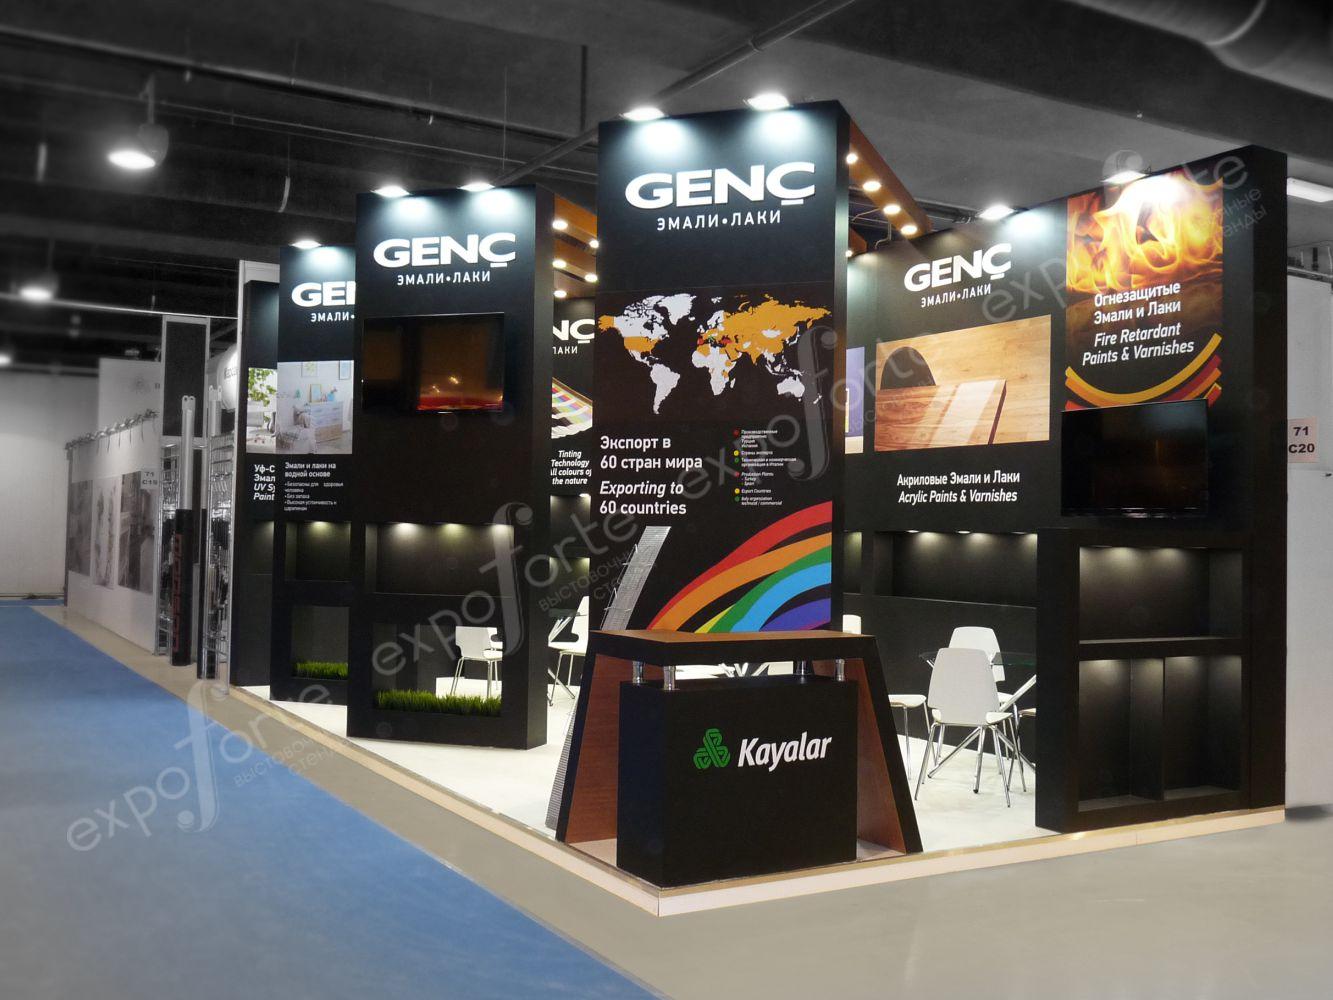 Фото: GENC, выставка МЕБЕЛЬ – картинка 1